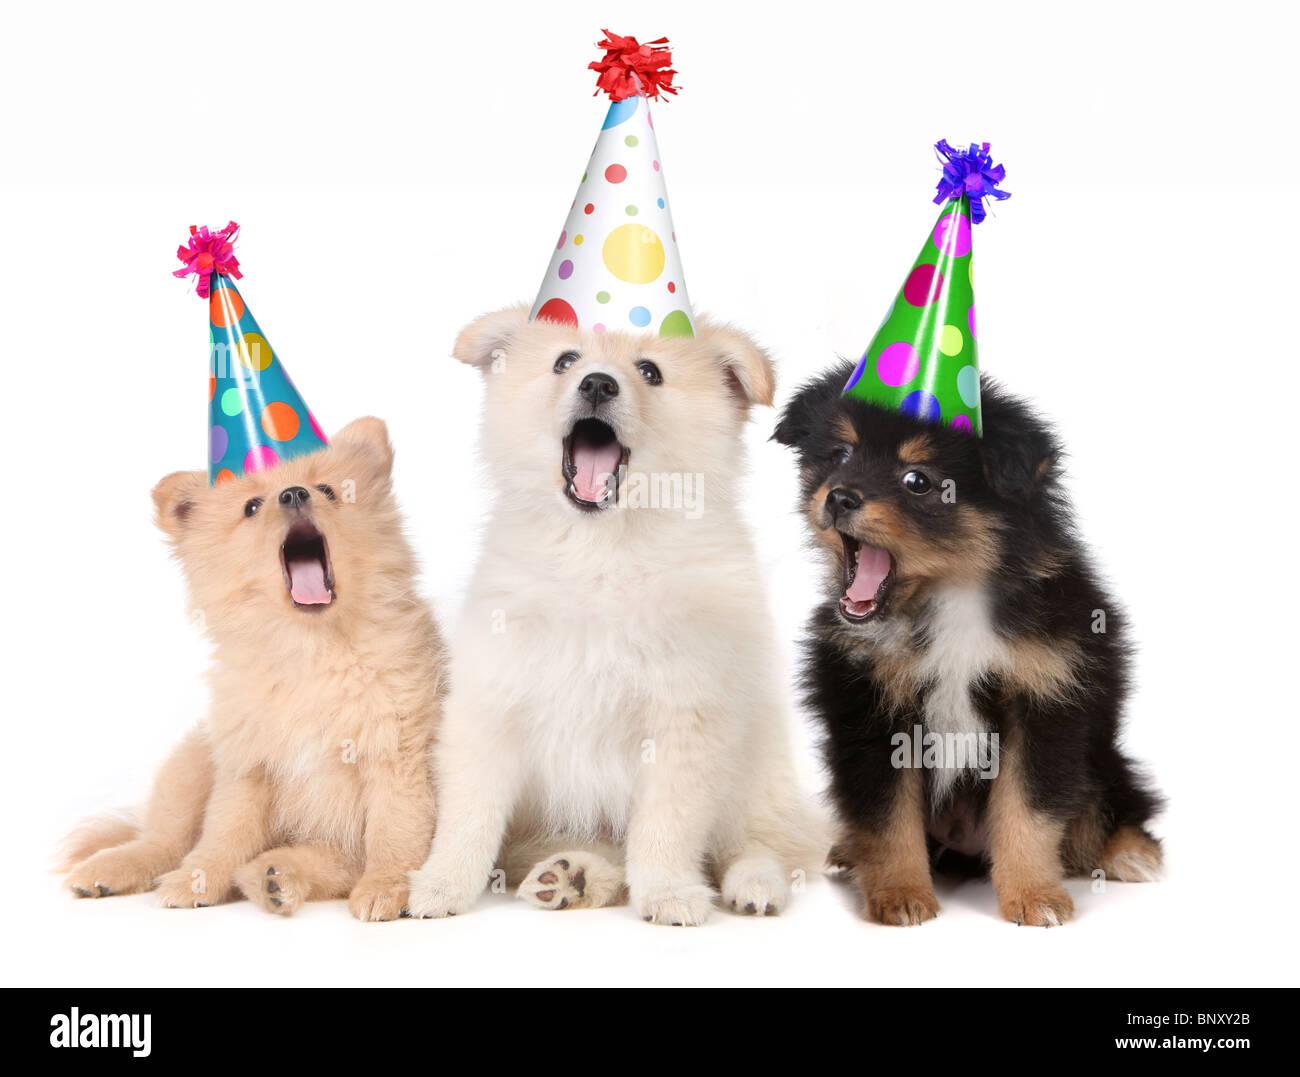 Humorvolle Welpen Singen Happy Birthday Song Tragen Alberne Hute Stockbild